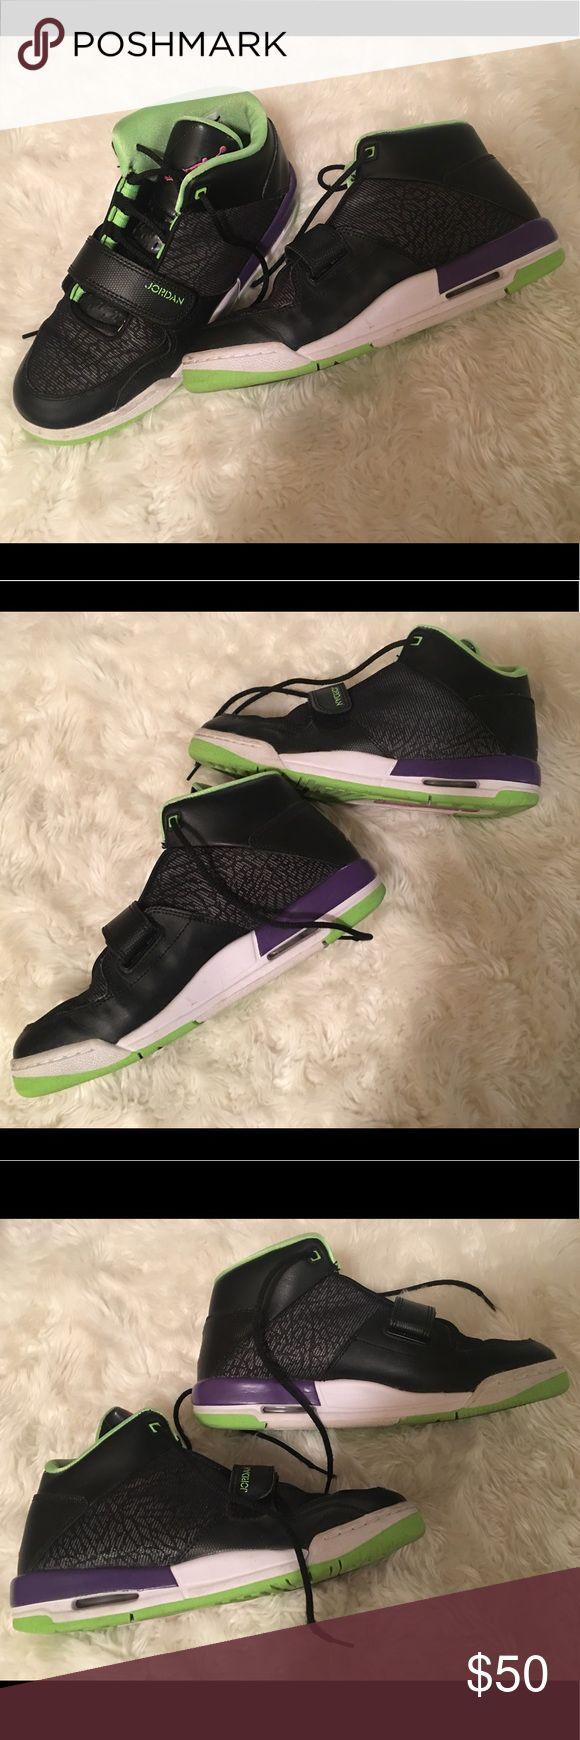 Nike Air Jordan Flight Club 90's Sneakers Very cute black, pink, purple, green Jordans Jordan Shoes Sneakers